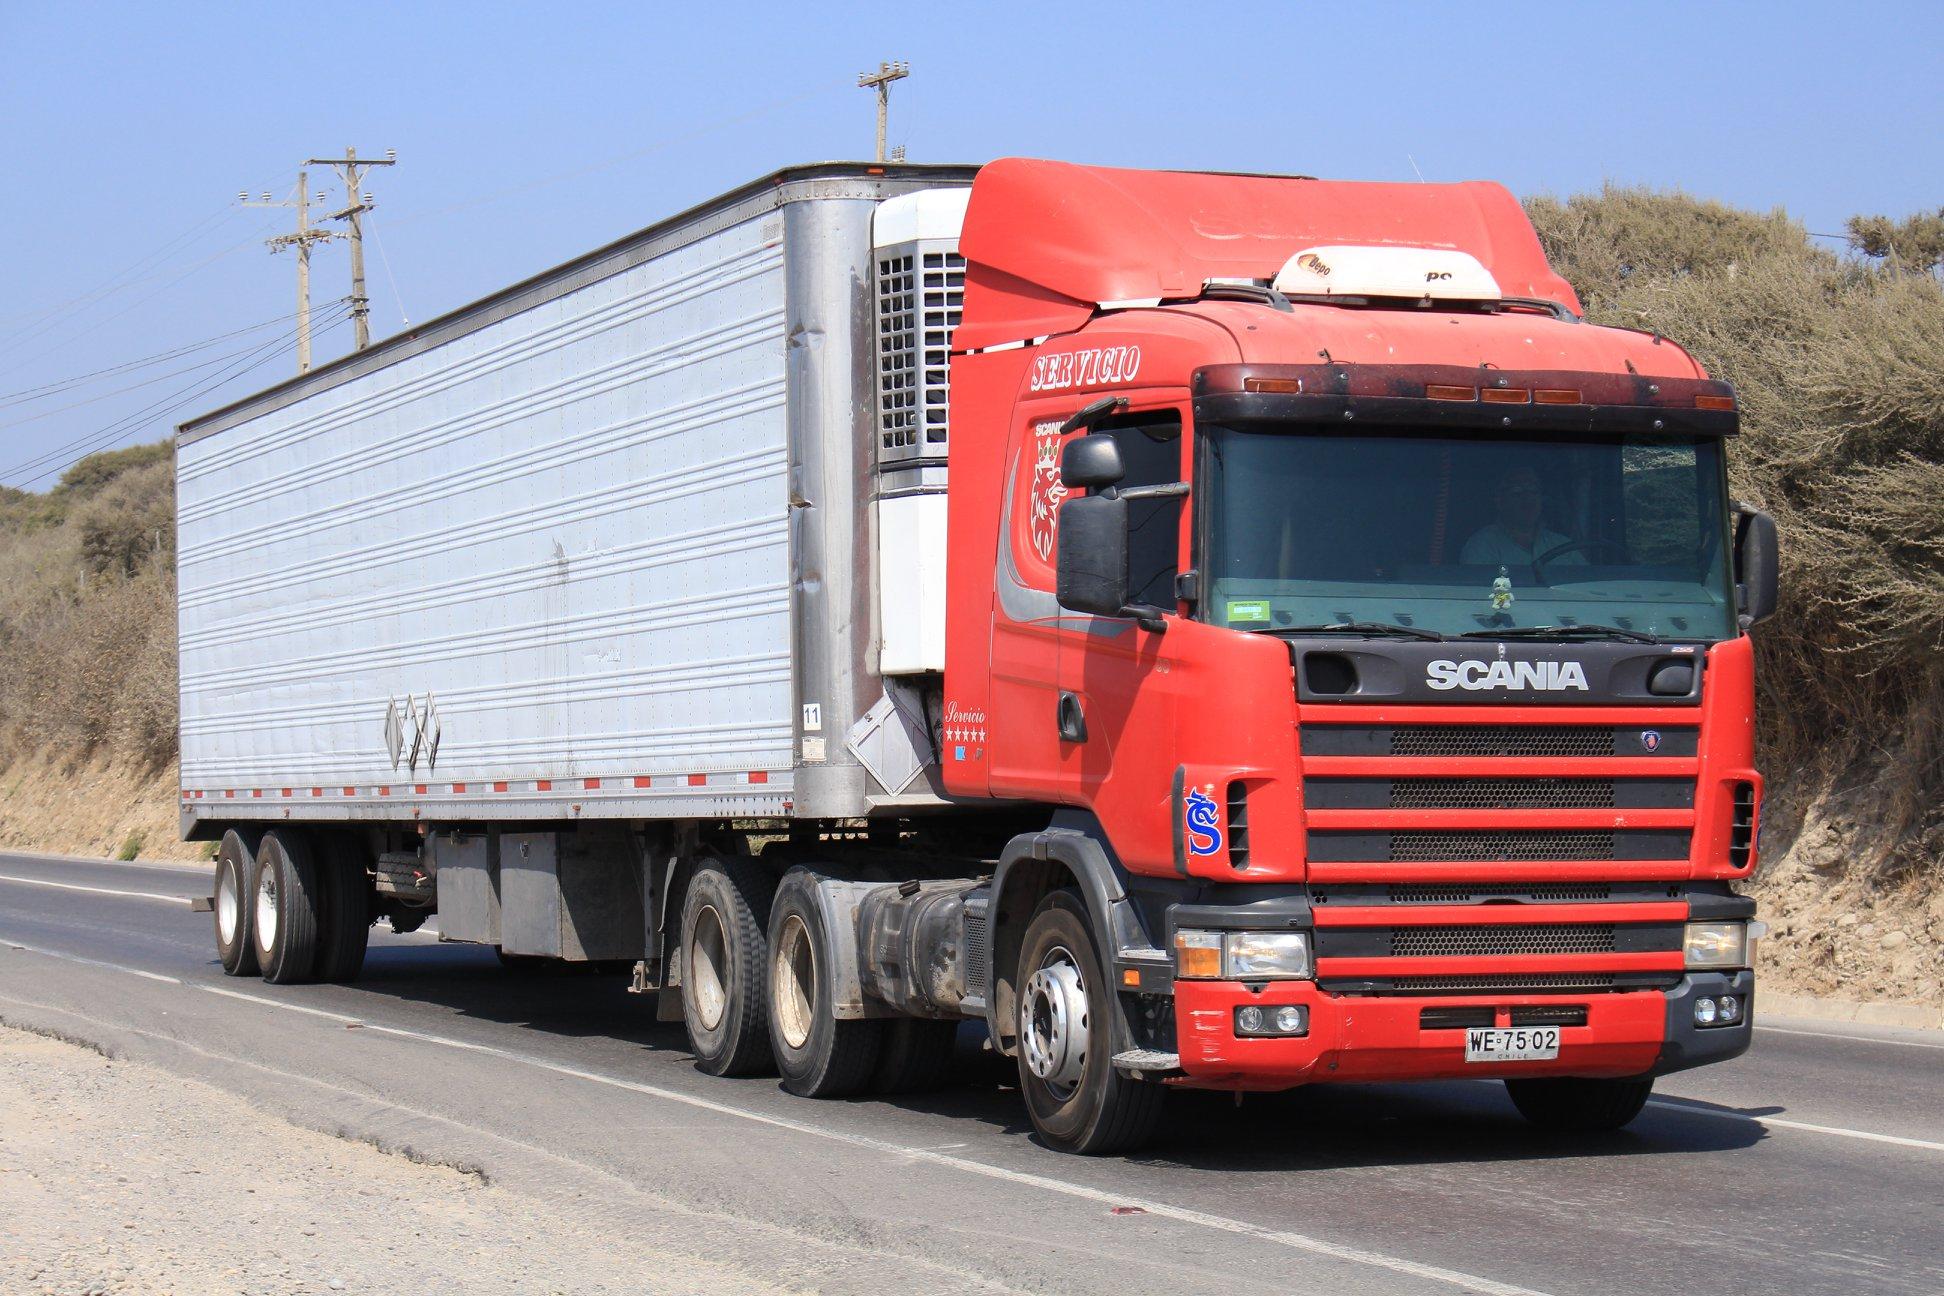 Truck_pics_mix-14